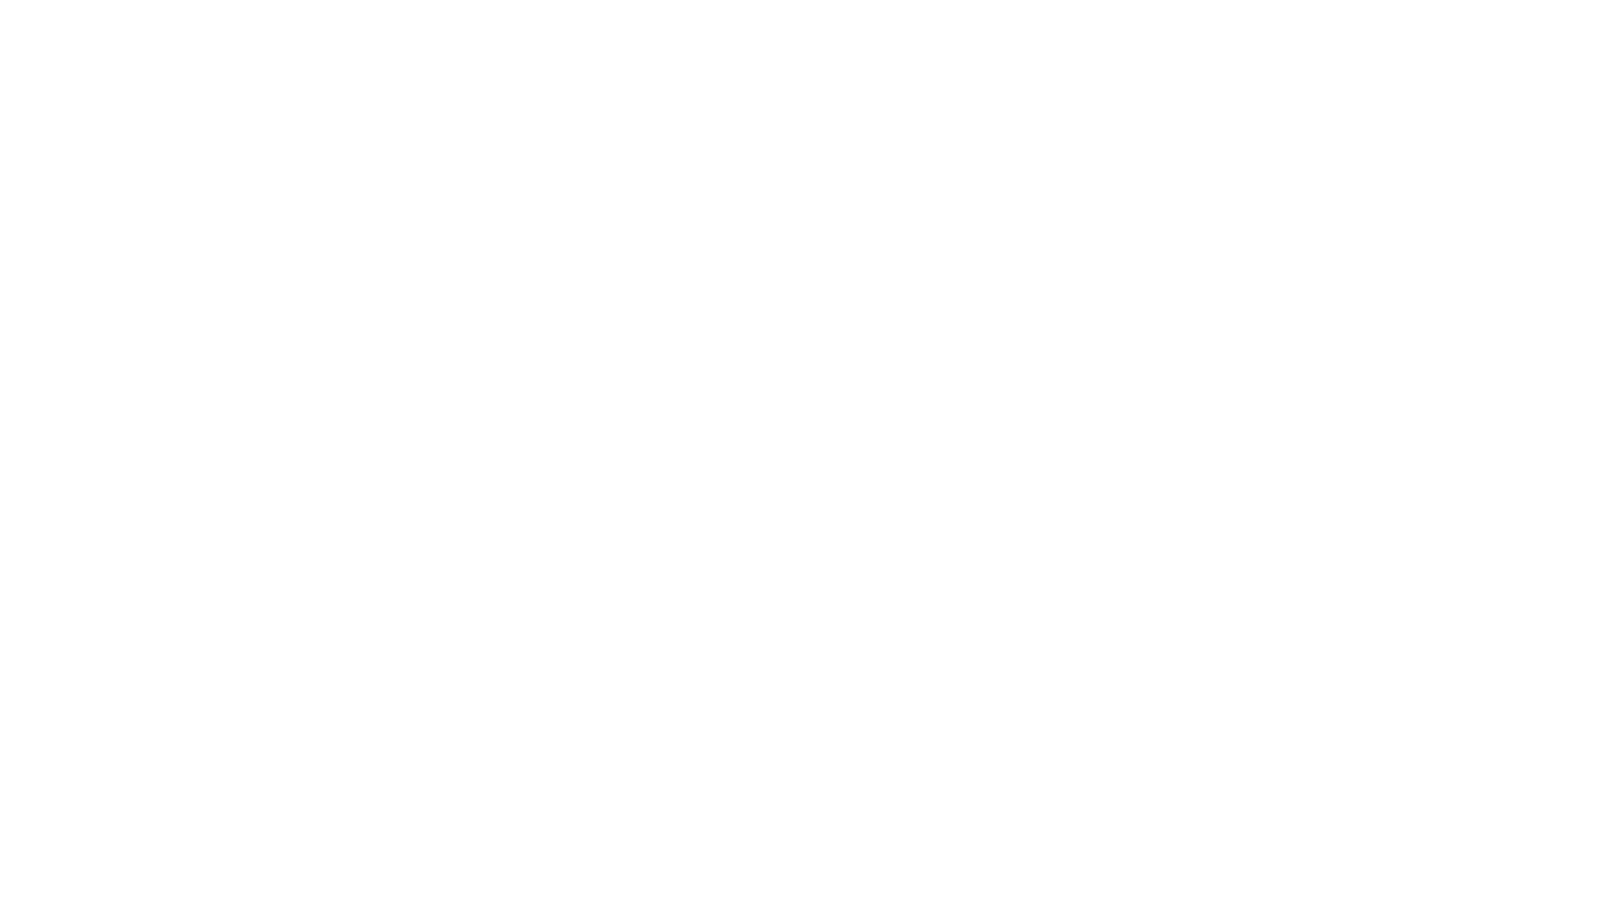 Il Cloud Control System è l'unica soluzione di monitoraggio da remoto dell'Apparecchiatura Automatica di Rifasamento e dell'impianto elettrico che non influisce sulla connettività del Cliente.  Per ulteriori informazioni consulta il nostro sito https://www.comarcond.com e seguici sulla nostra pagina LinkedIn: https://www.linkedin.com/company/comar-condensatori-s-p-a-    The Cloud Control System is the only remote monitoring solution for the Automatic Power Factor Correction equipment and the electrical system that does not affect the Customer's connectivity.  For more information visit our website https://www.comarcond.com/en/ and follow us on our LinkedIn page: https://www.linkedin.com/company/comar-condensatori-s-p-a-